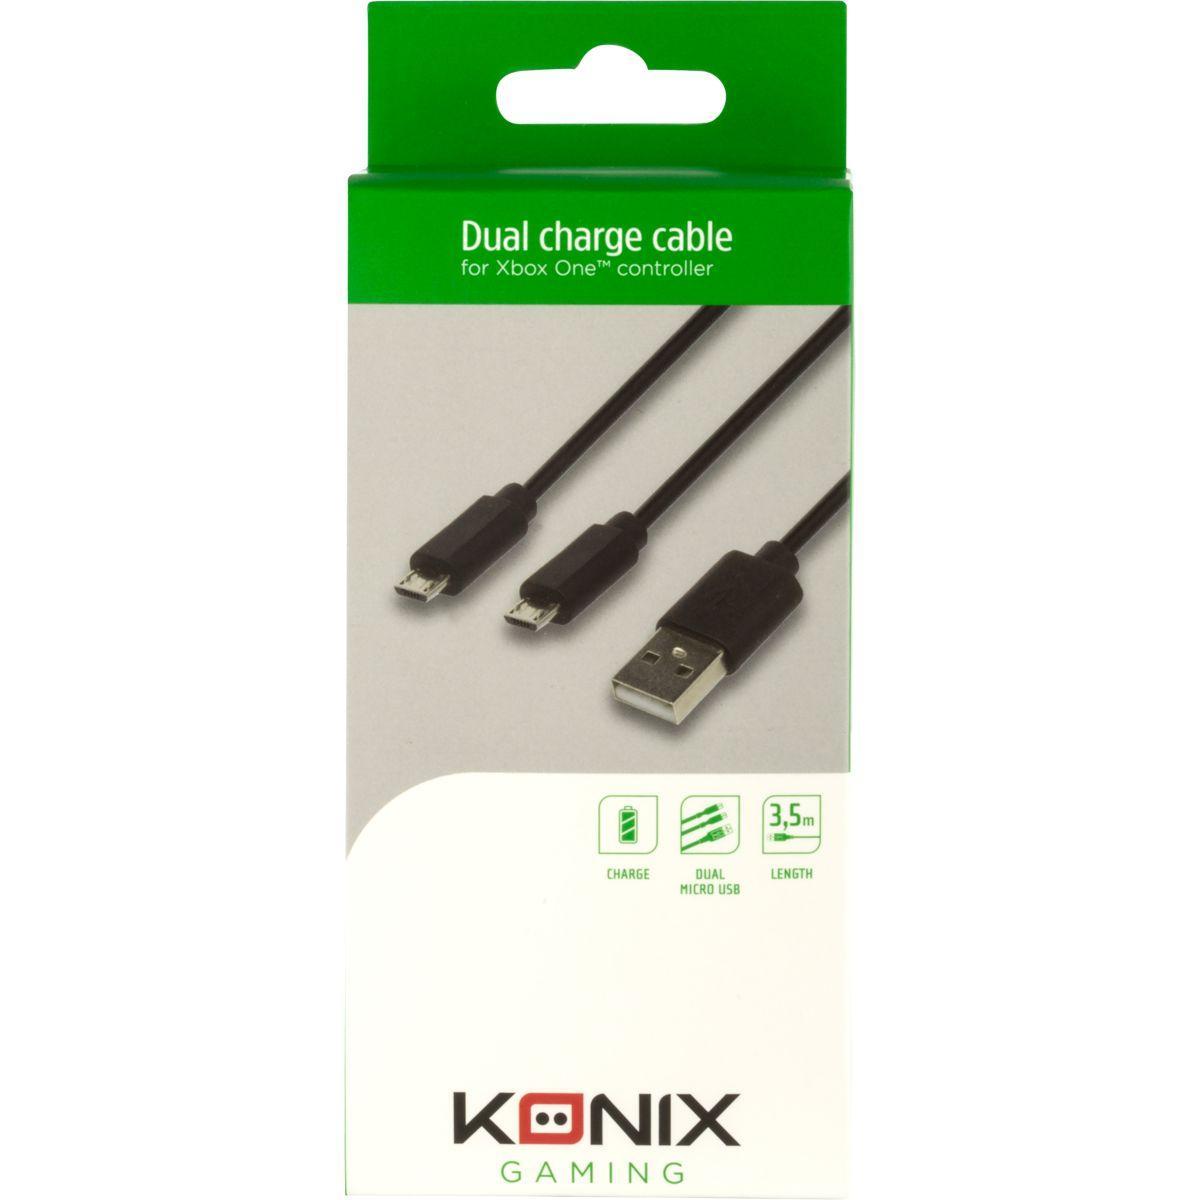 Acc. konix câble double micro usb pour m - 2% de remise immédiate avec le code : cool2 (photo)